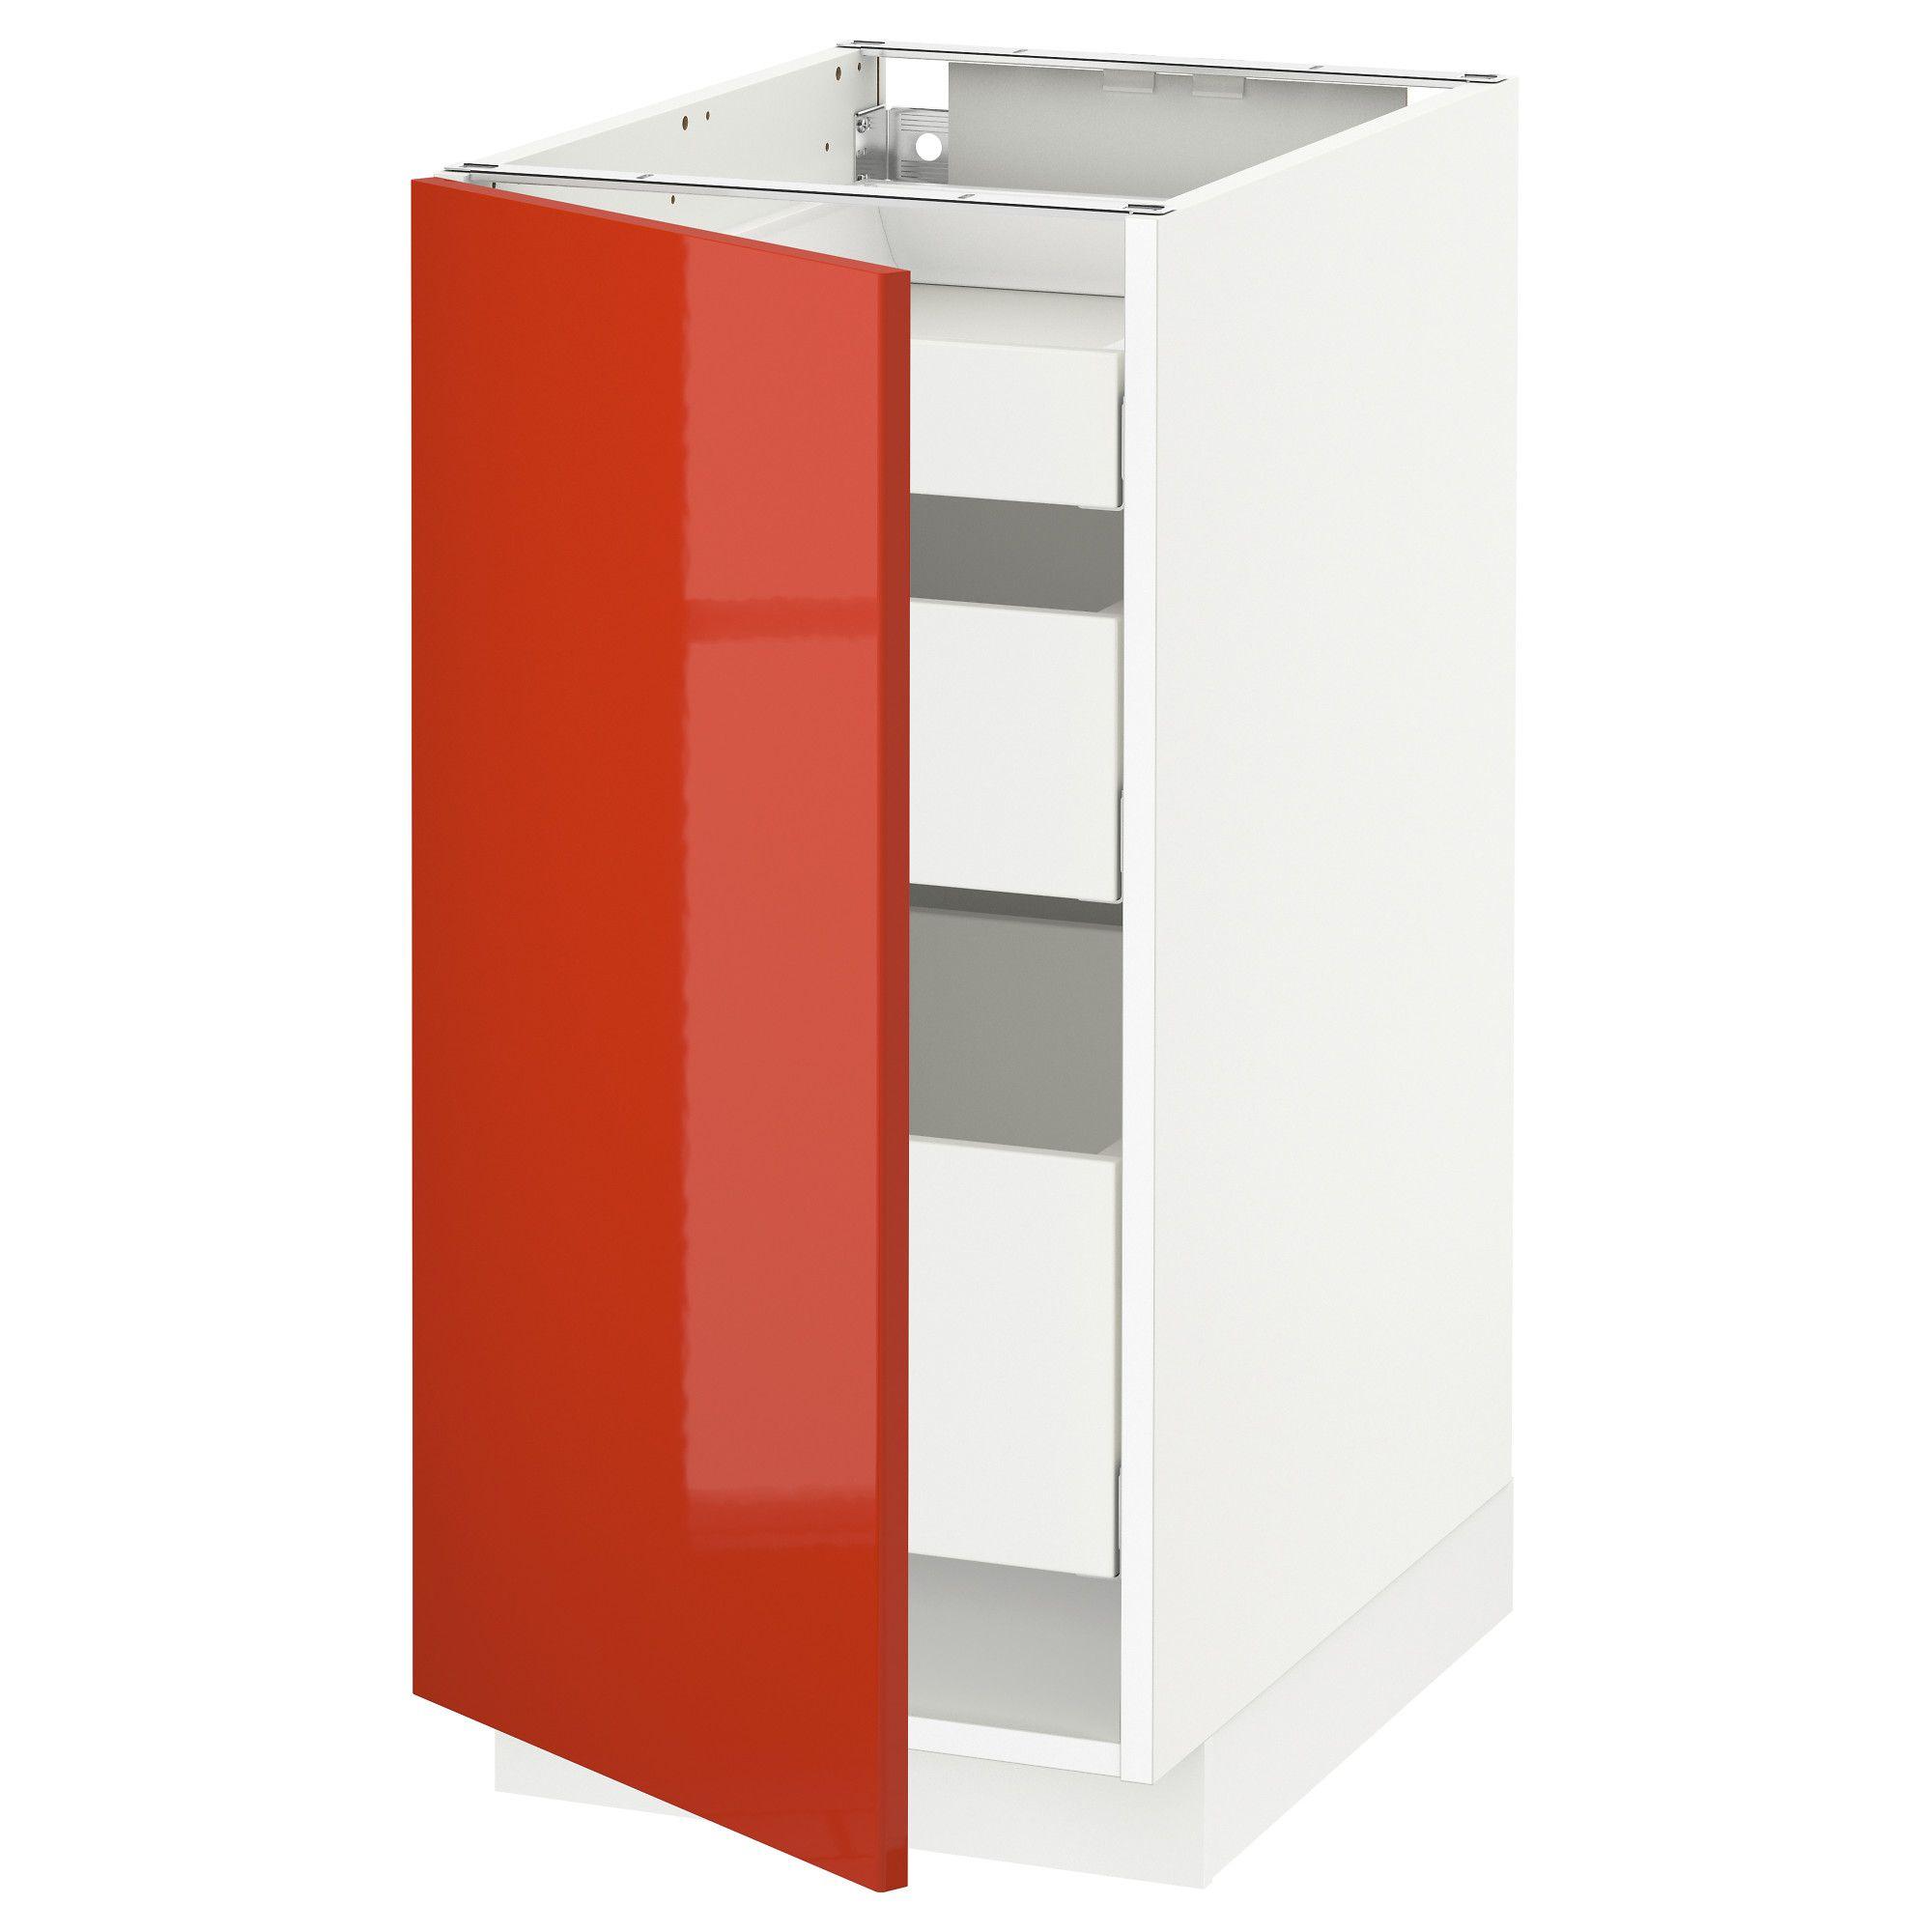 Badezimmer design tür metod  maximera unterschrank mit tür schubladen weiß jetzt